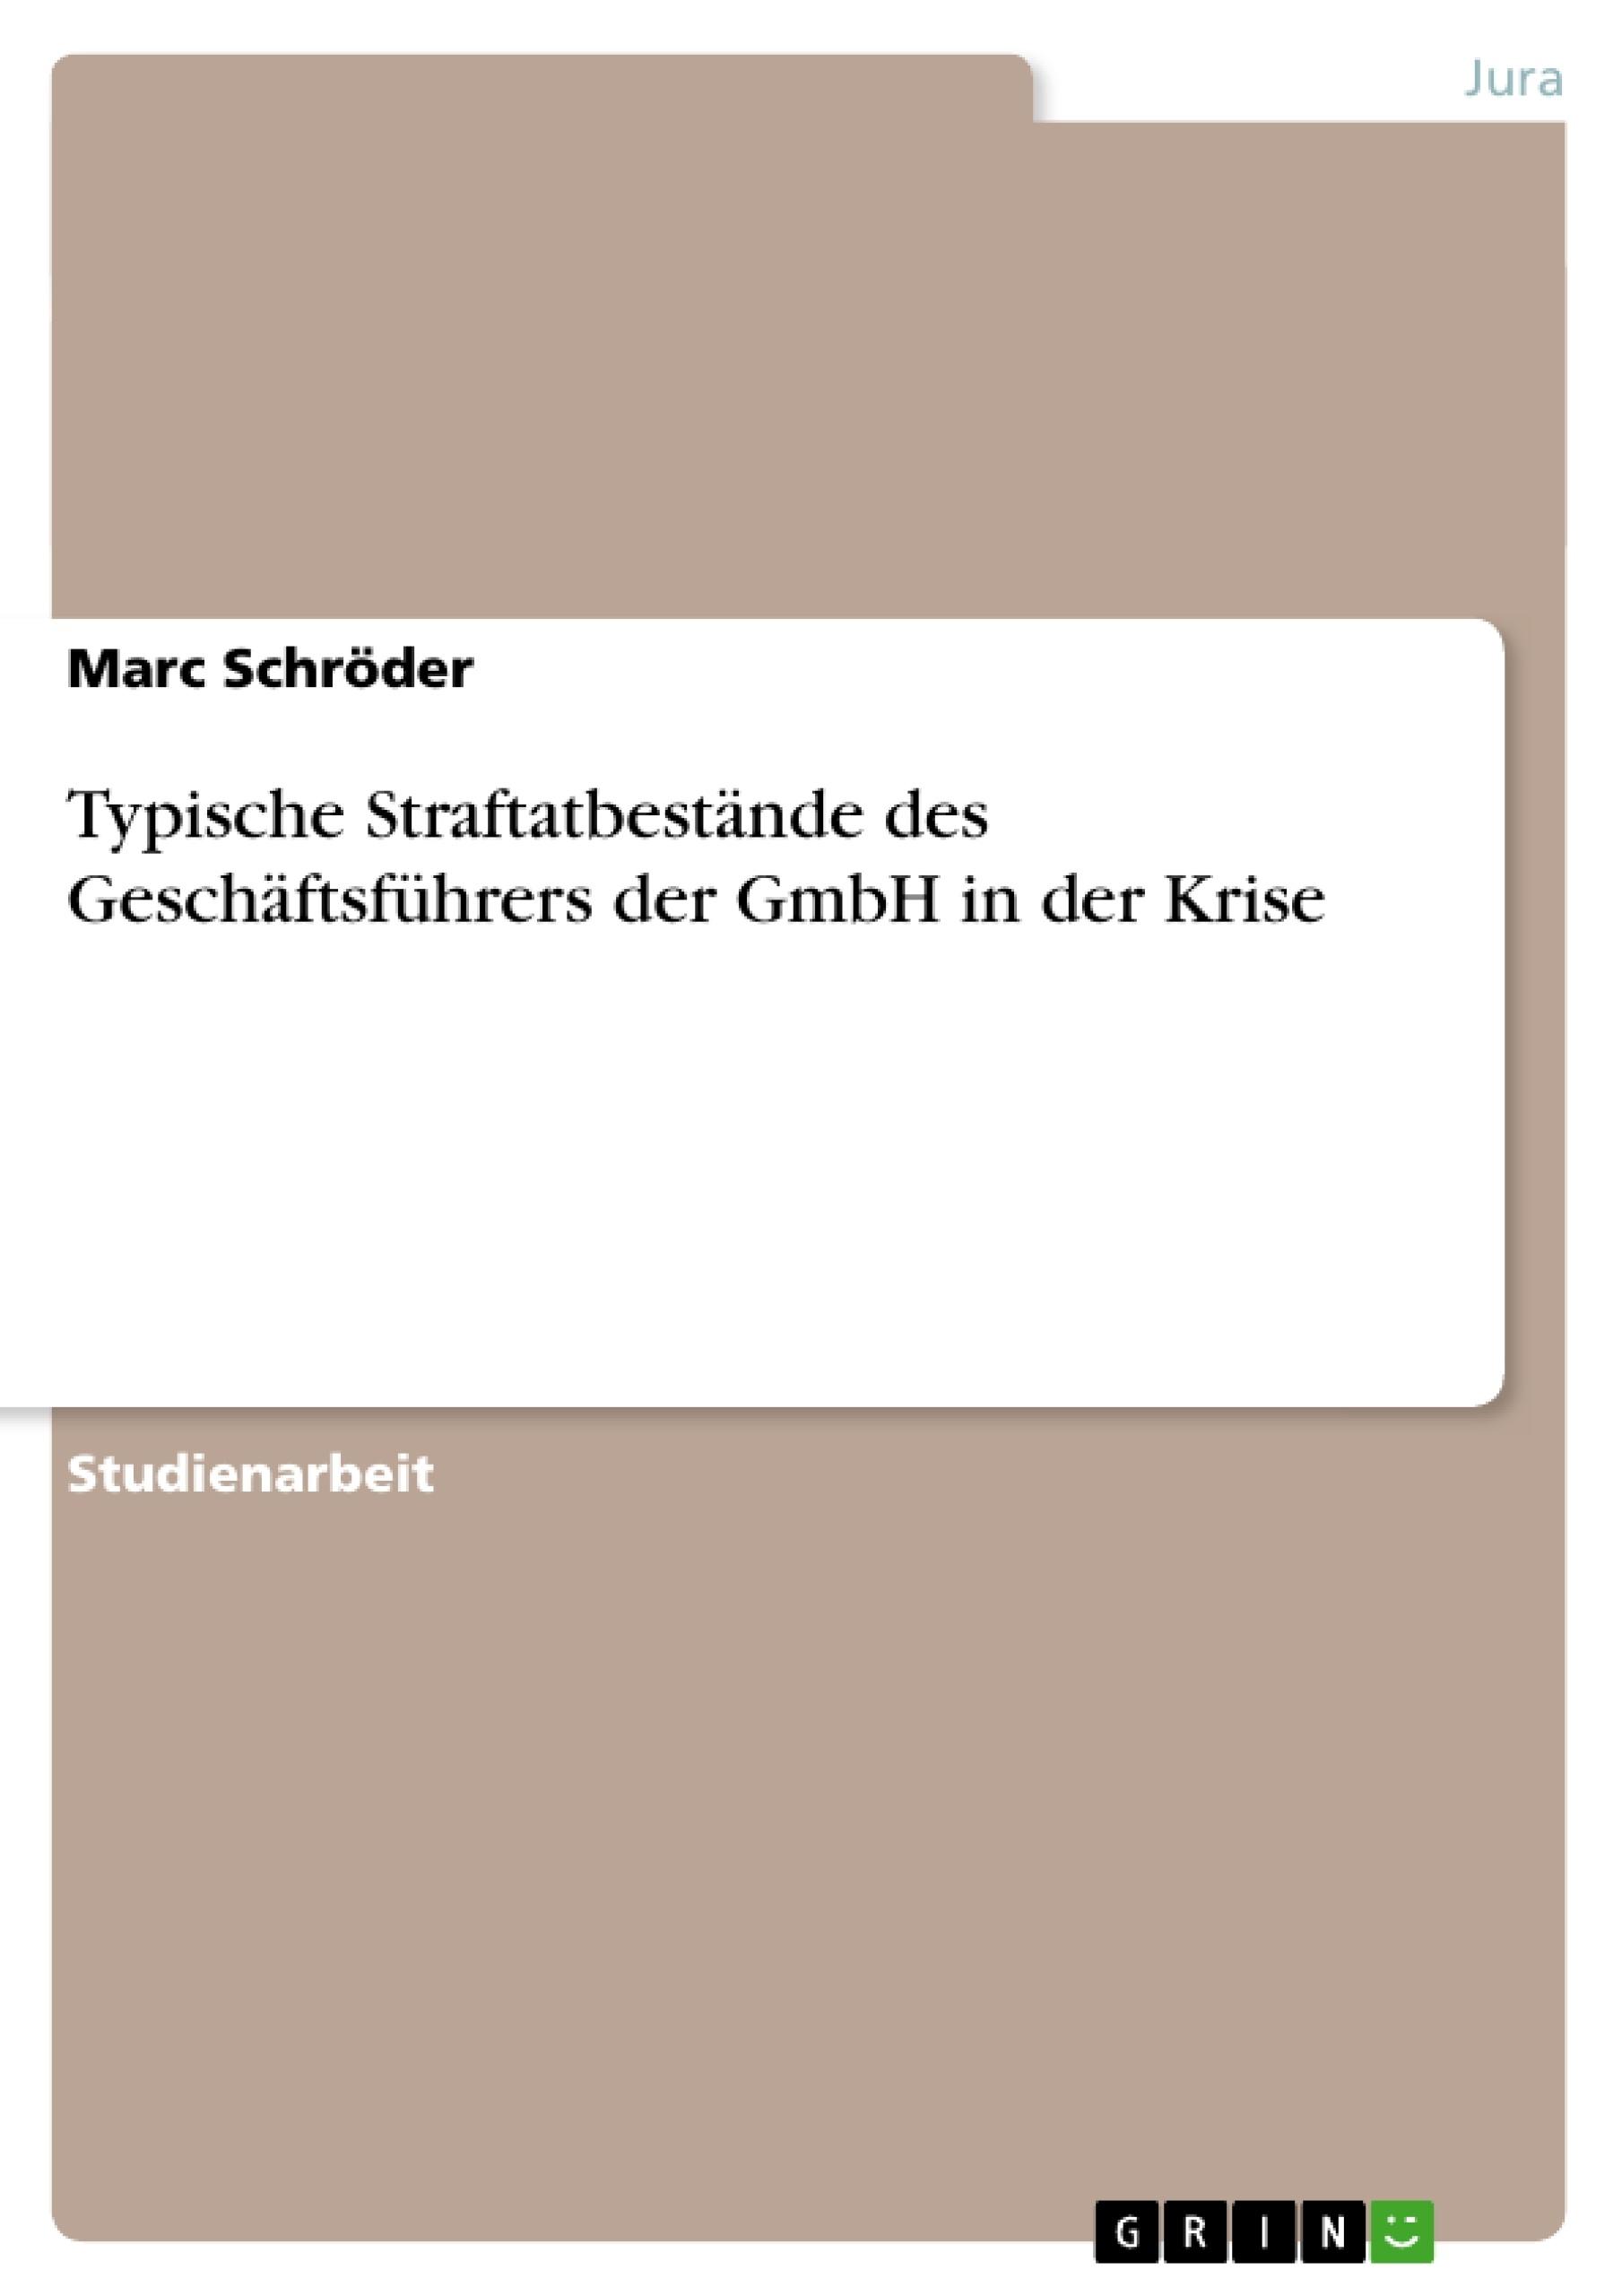 Titel: Typische Straftatbestände des Geschäftsführers der GmbH in der Krise